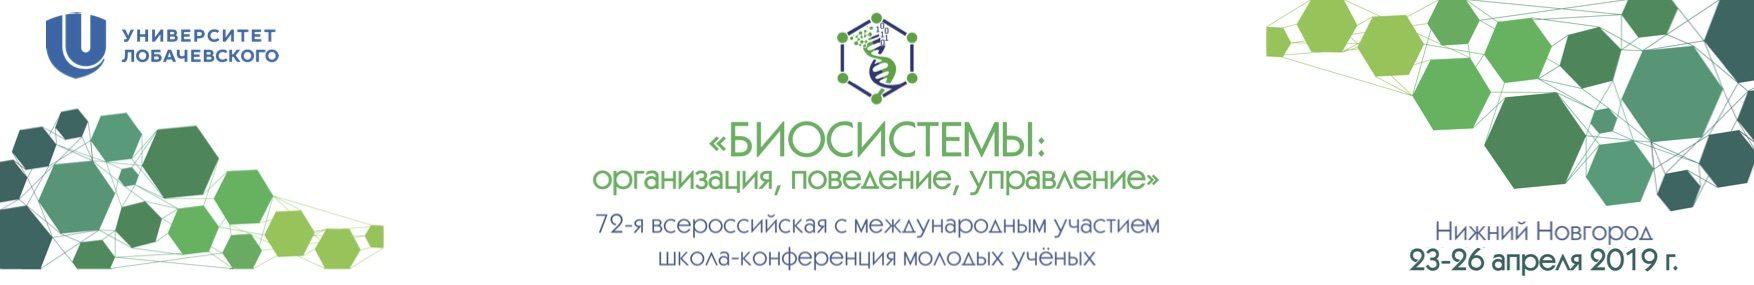 Биосистемы: организация, поведение, управление